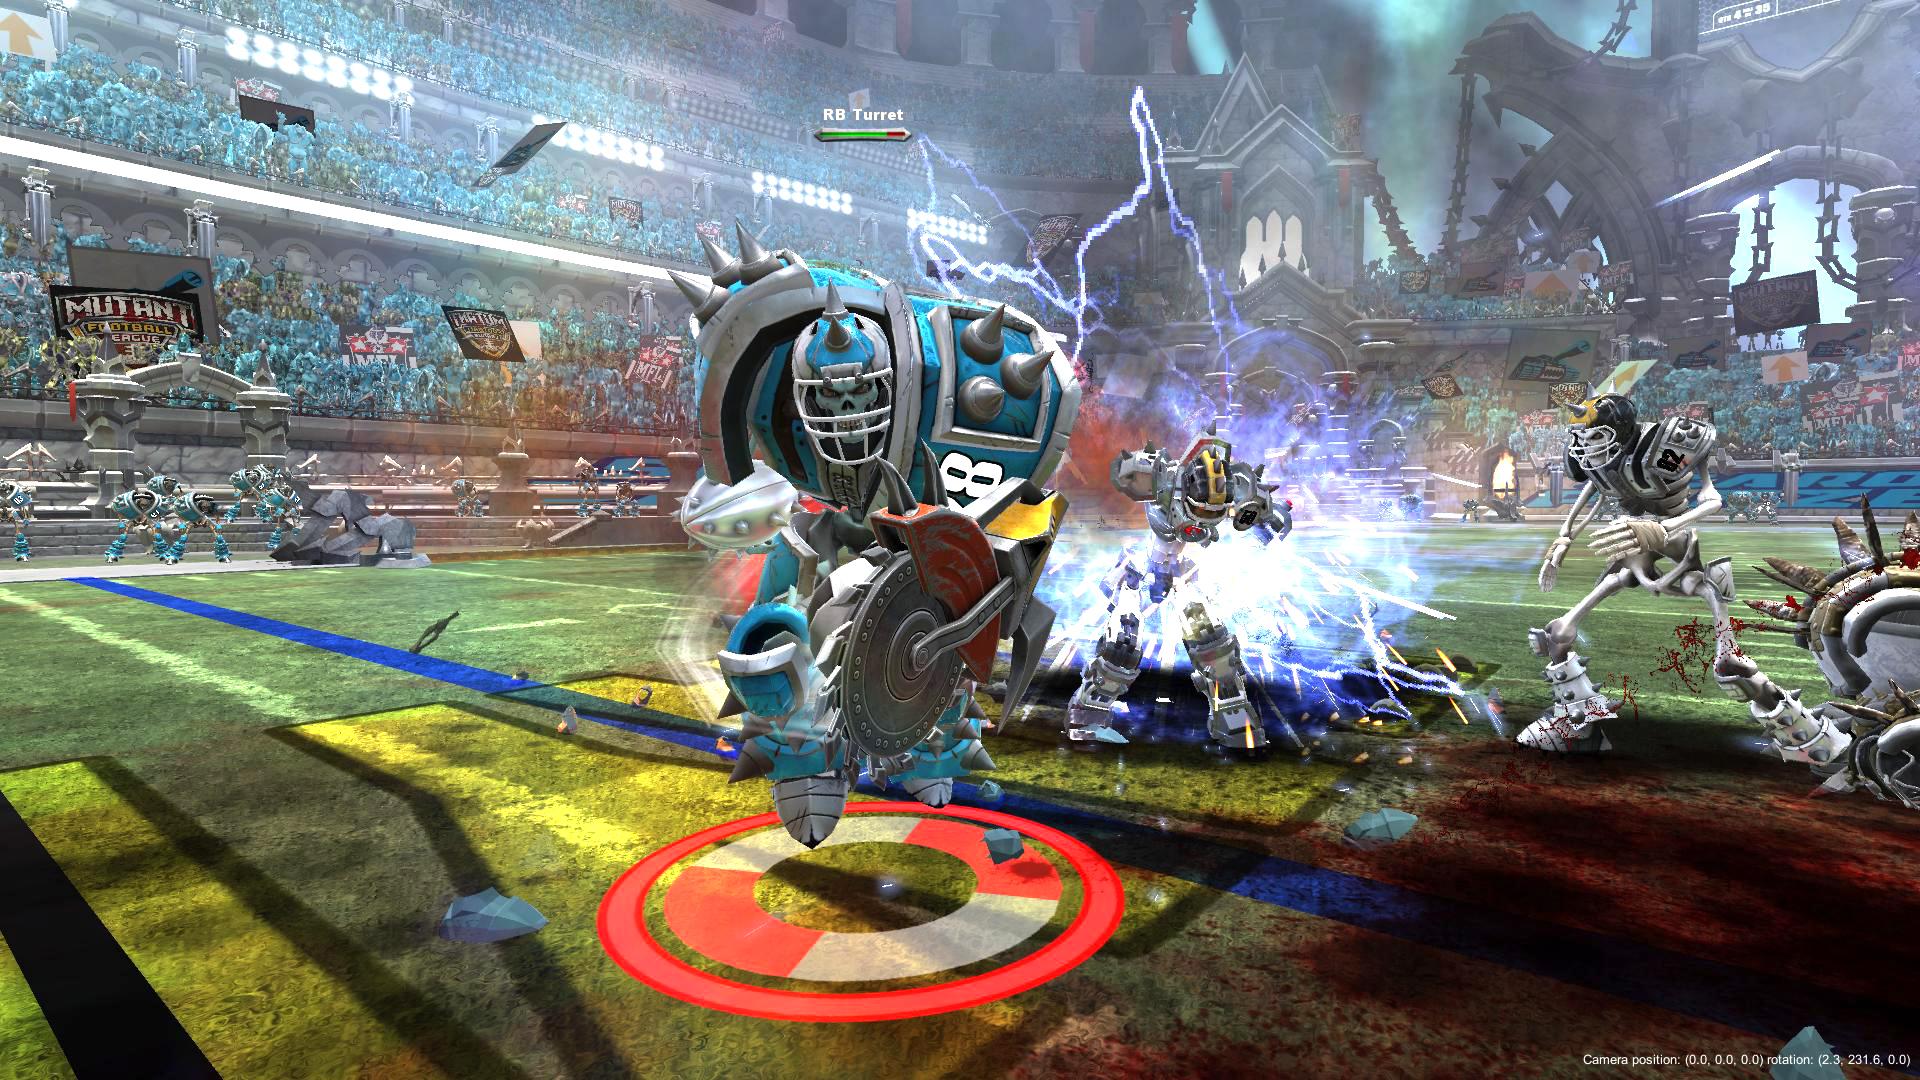 Výsledek obrázku pro mutant football league